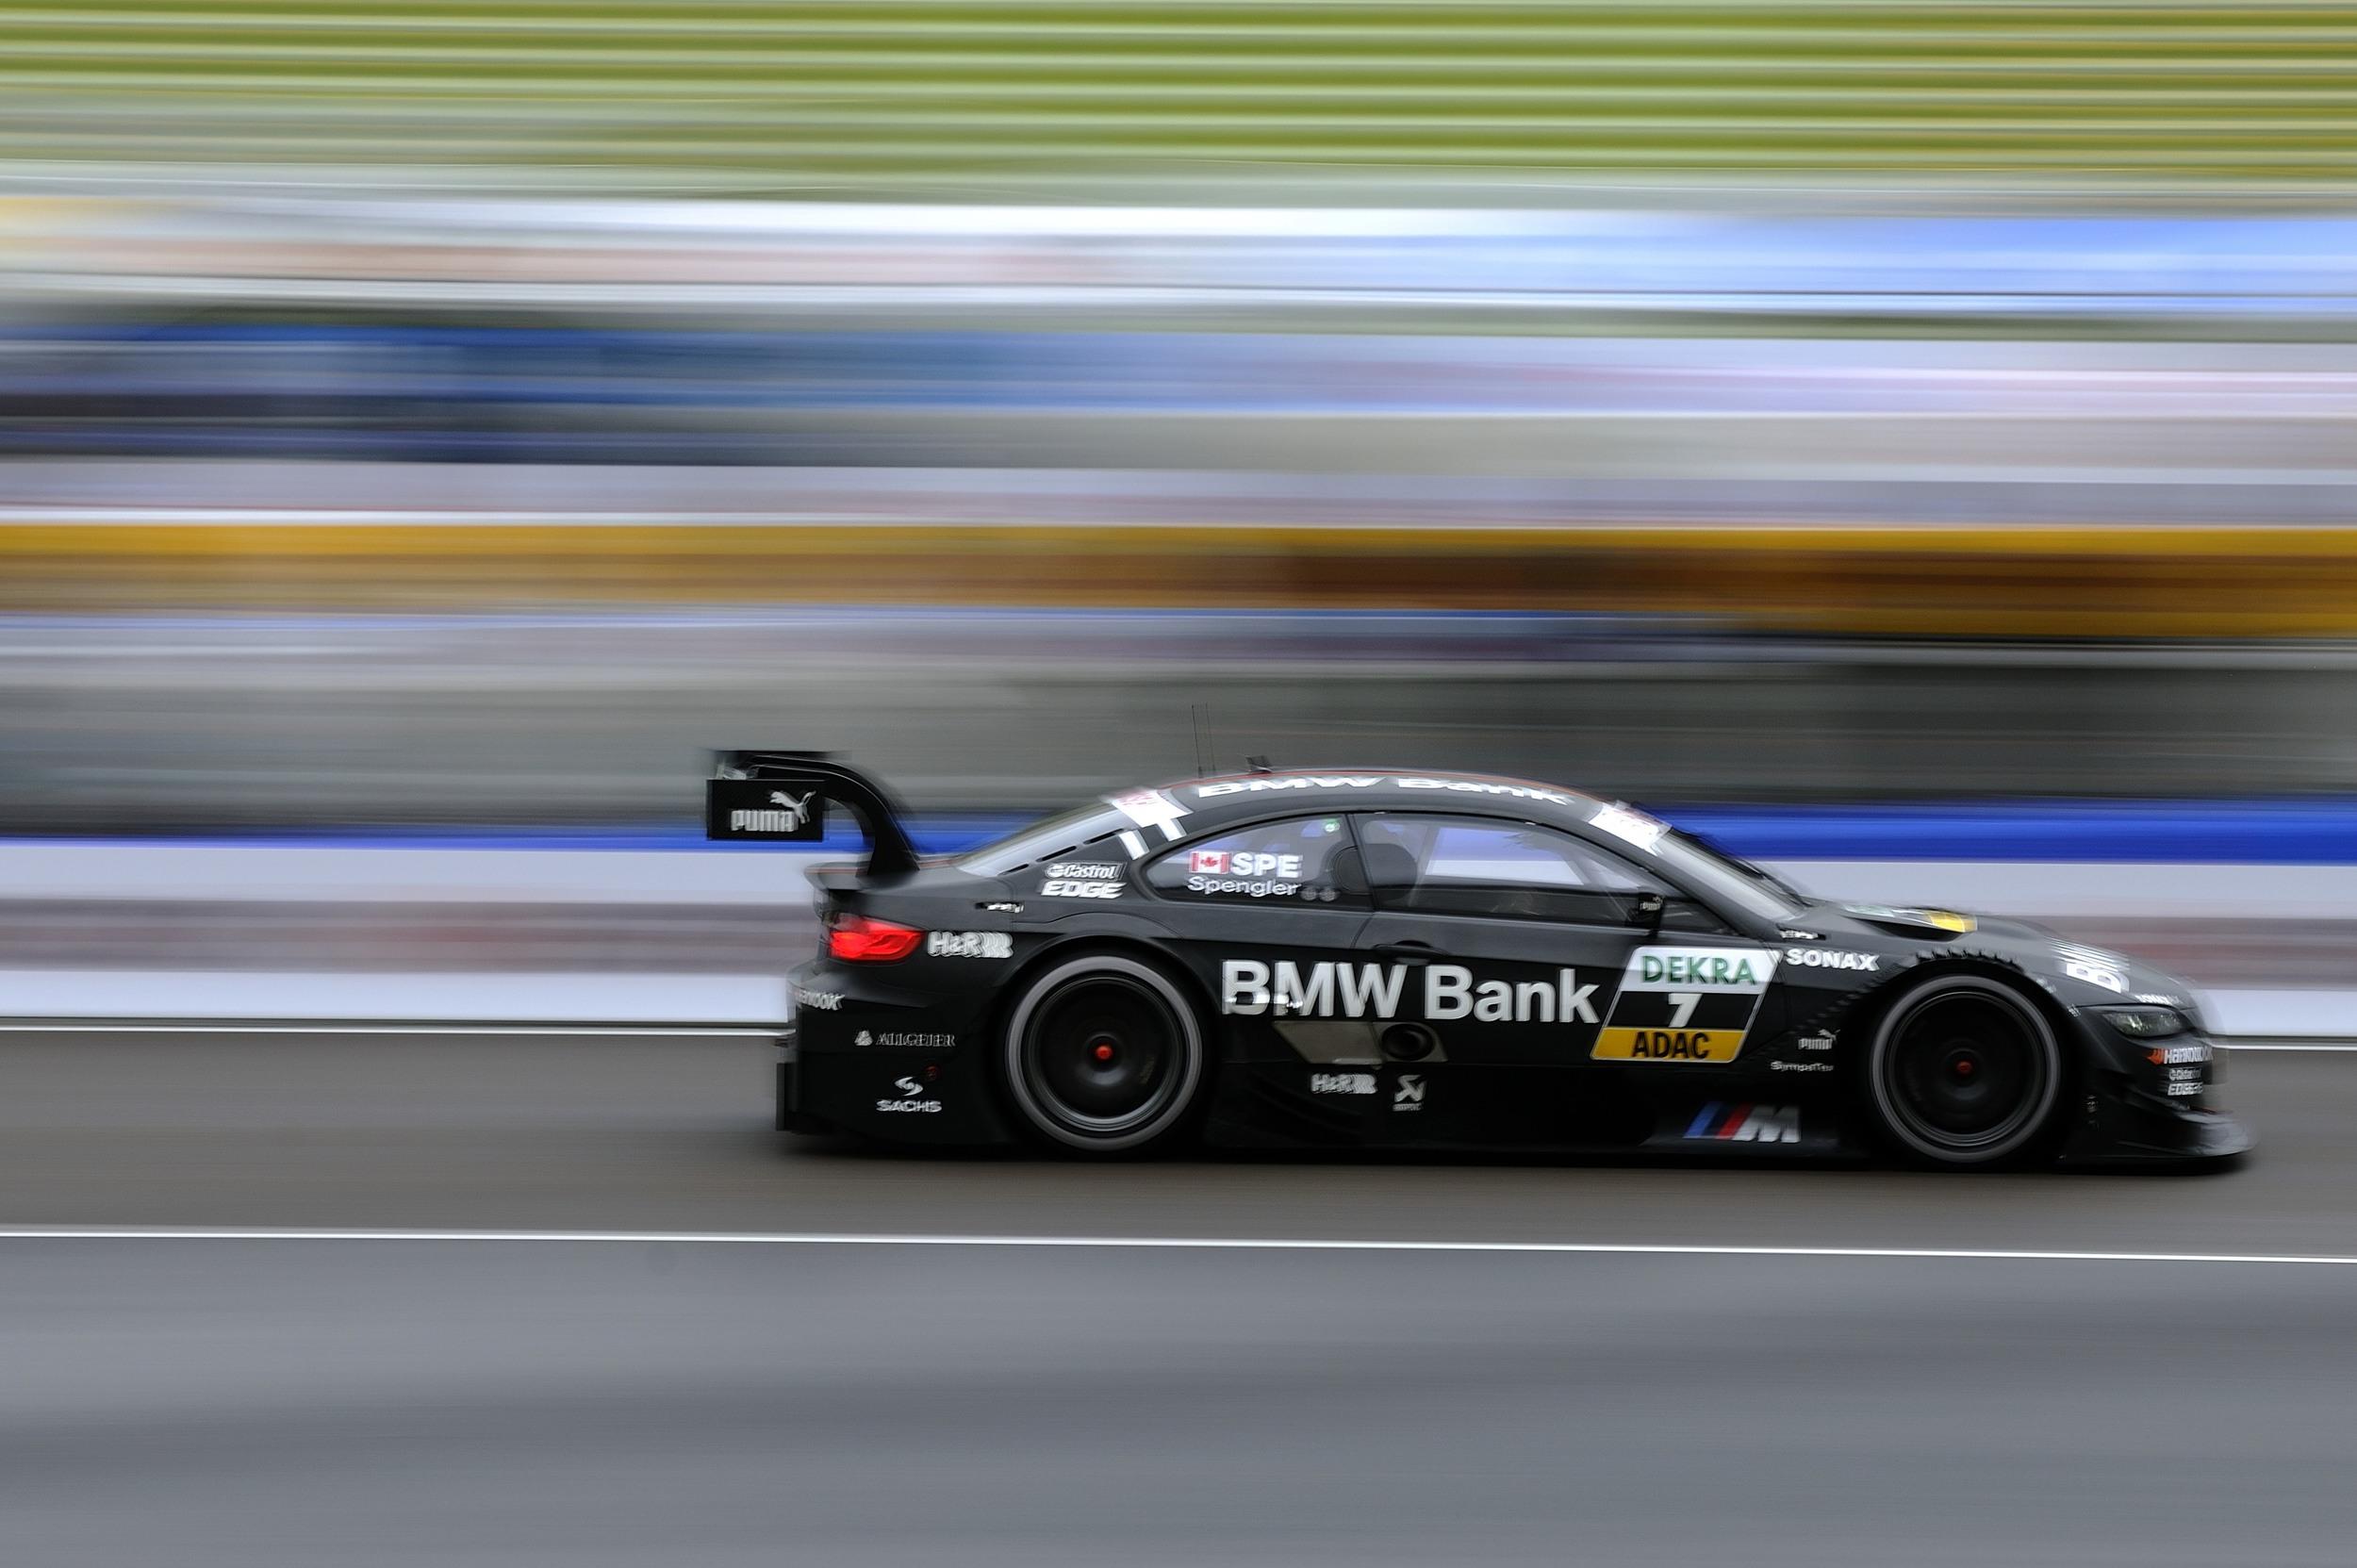 Bruno-Spengler-BMW-DTM-M3-M4-10.jpg